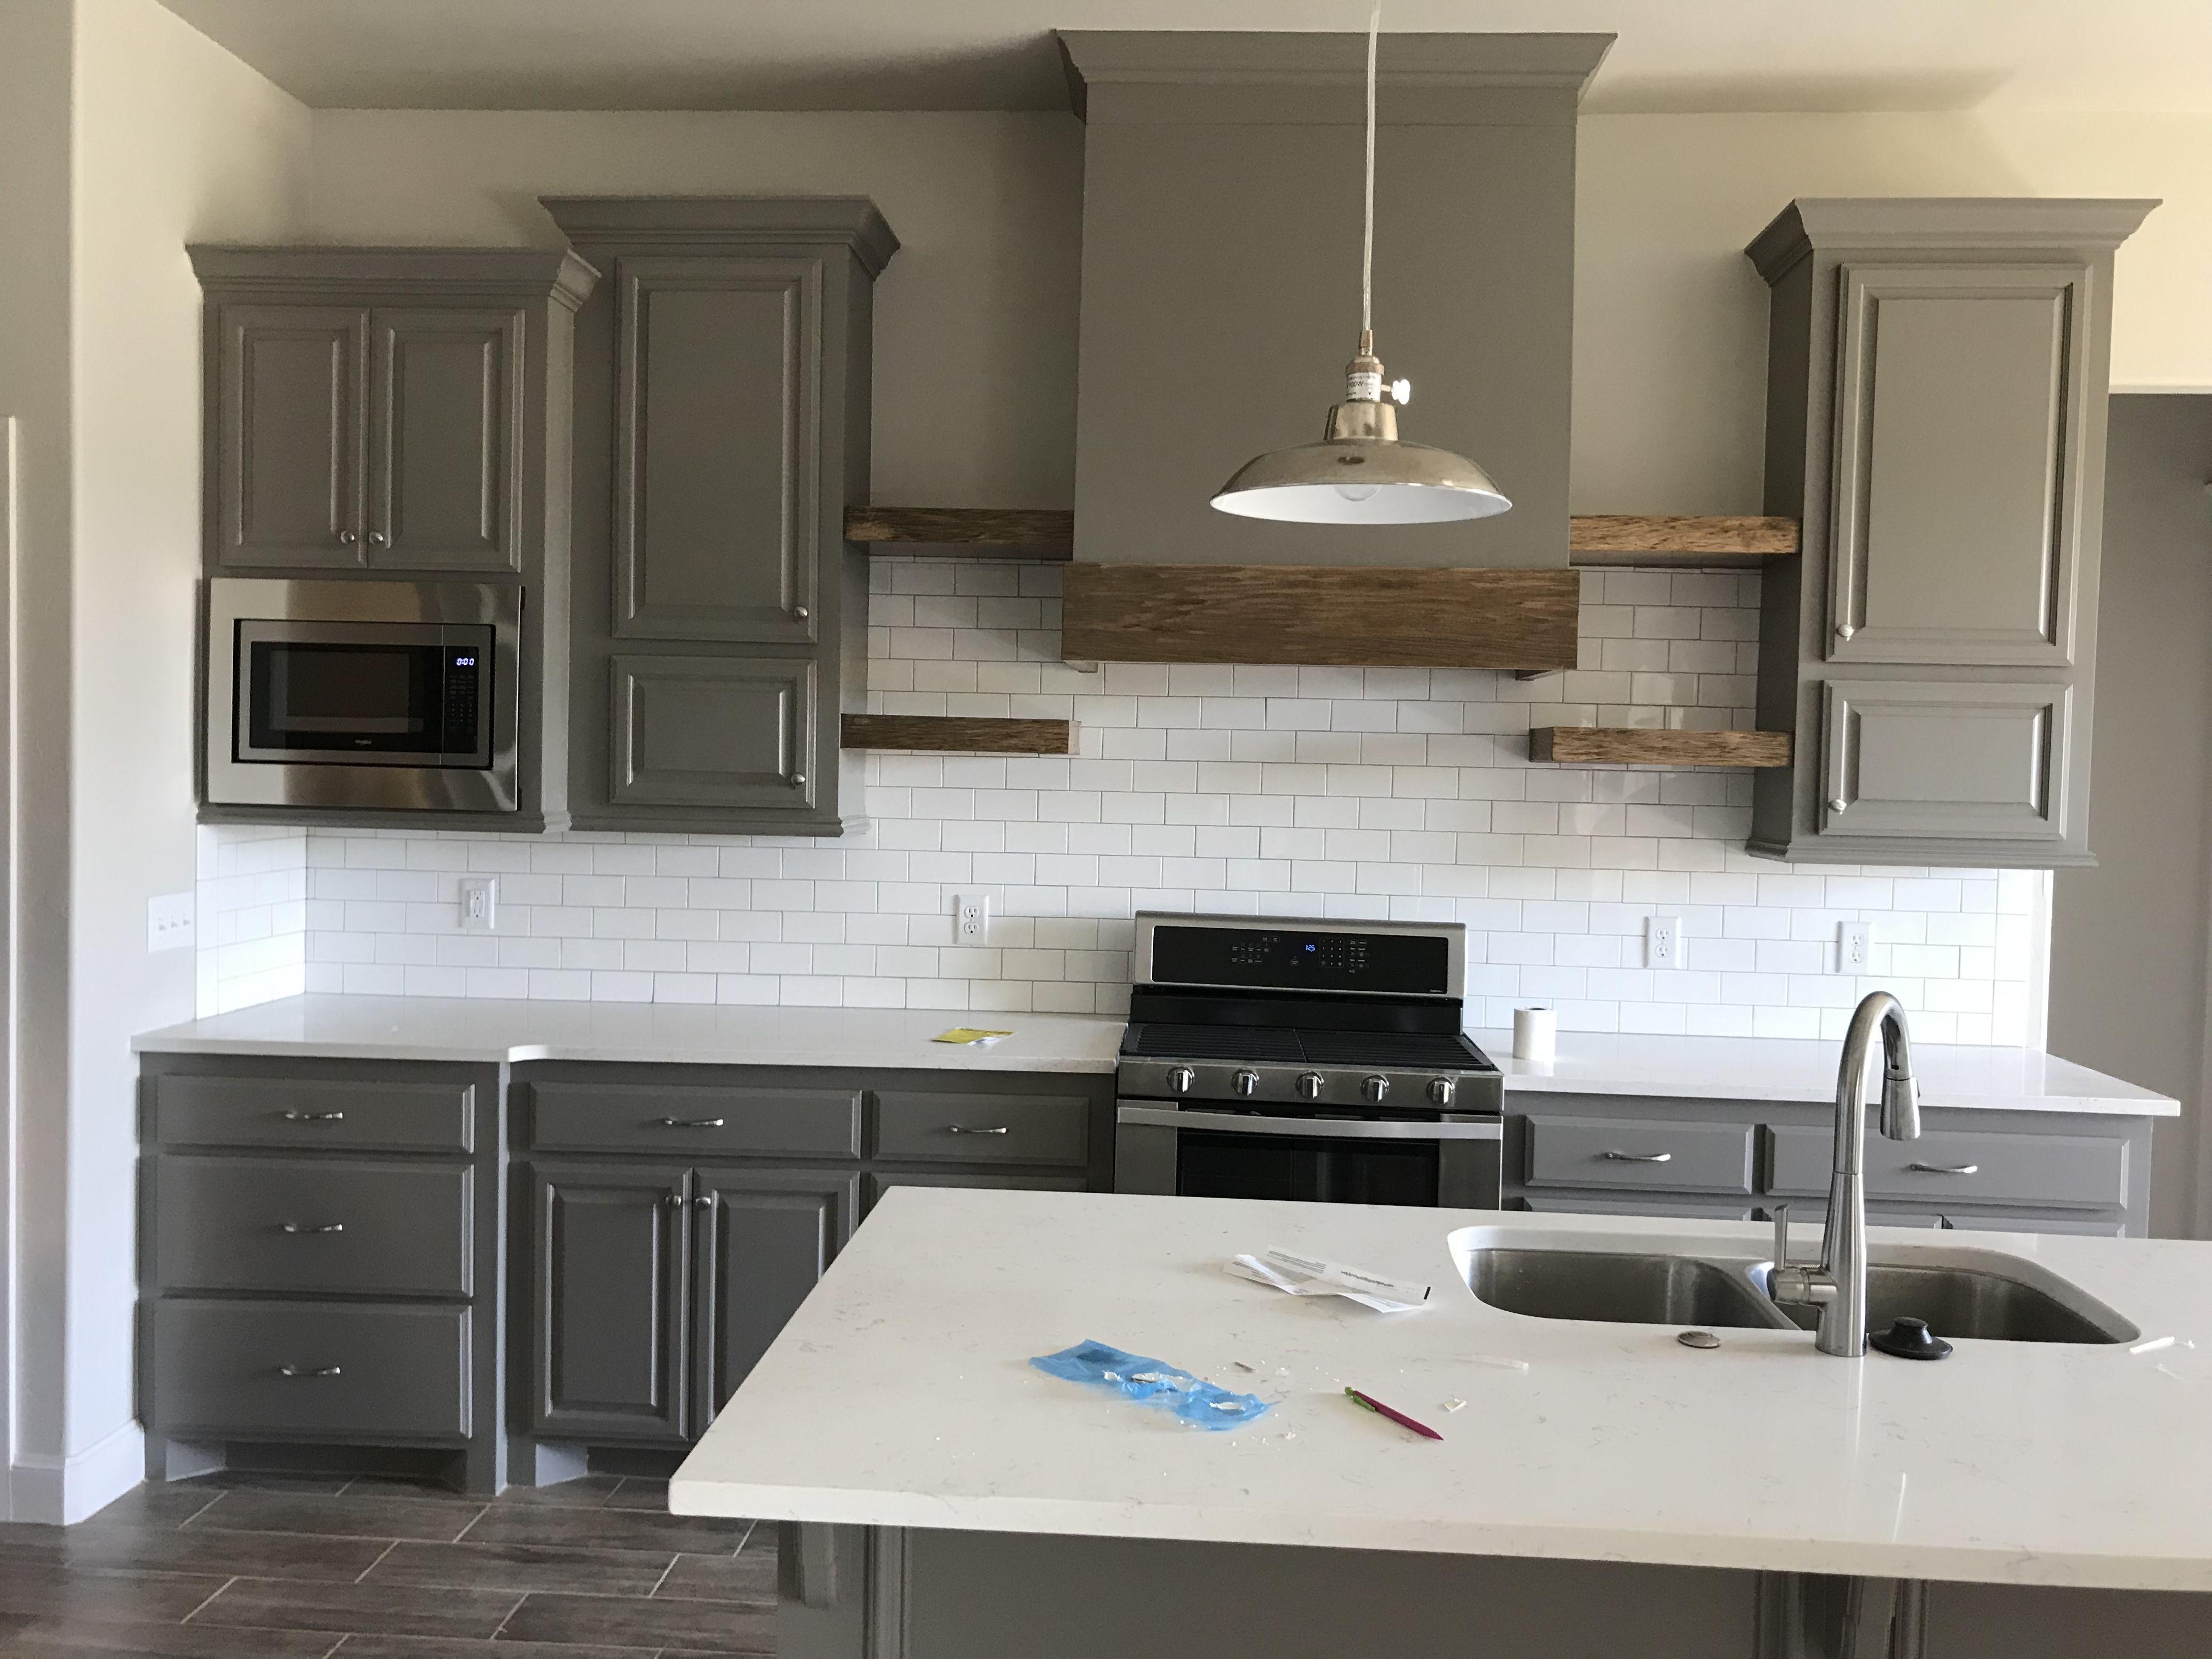 Kitchen Kitchen Design Floating Cabinets Hidden Microwave